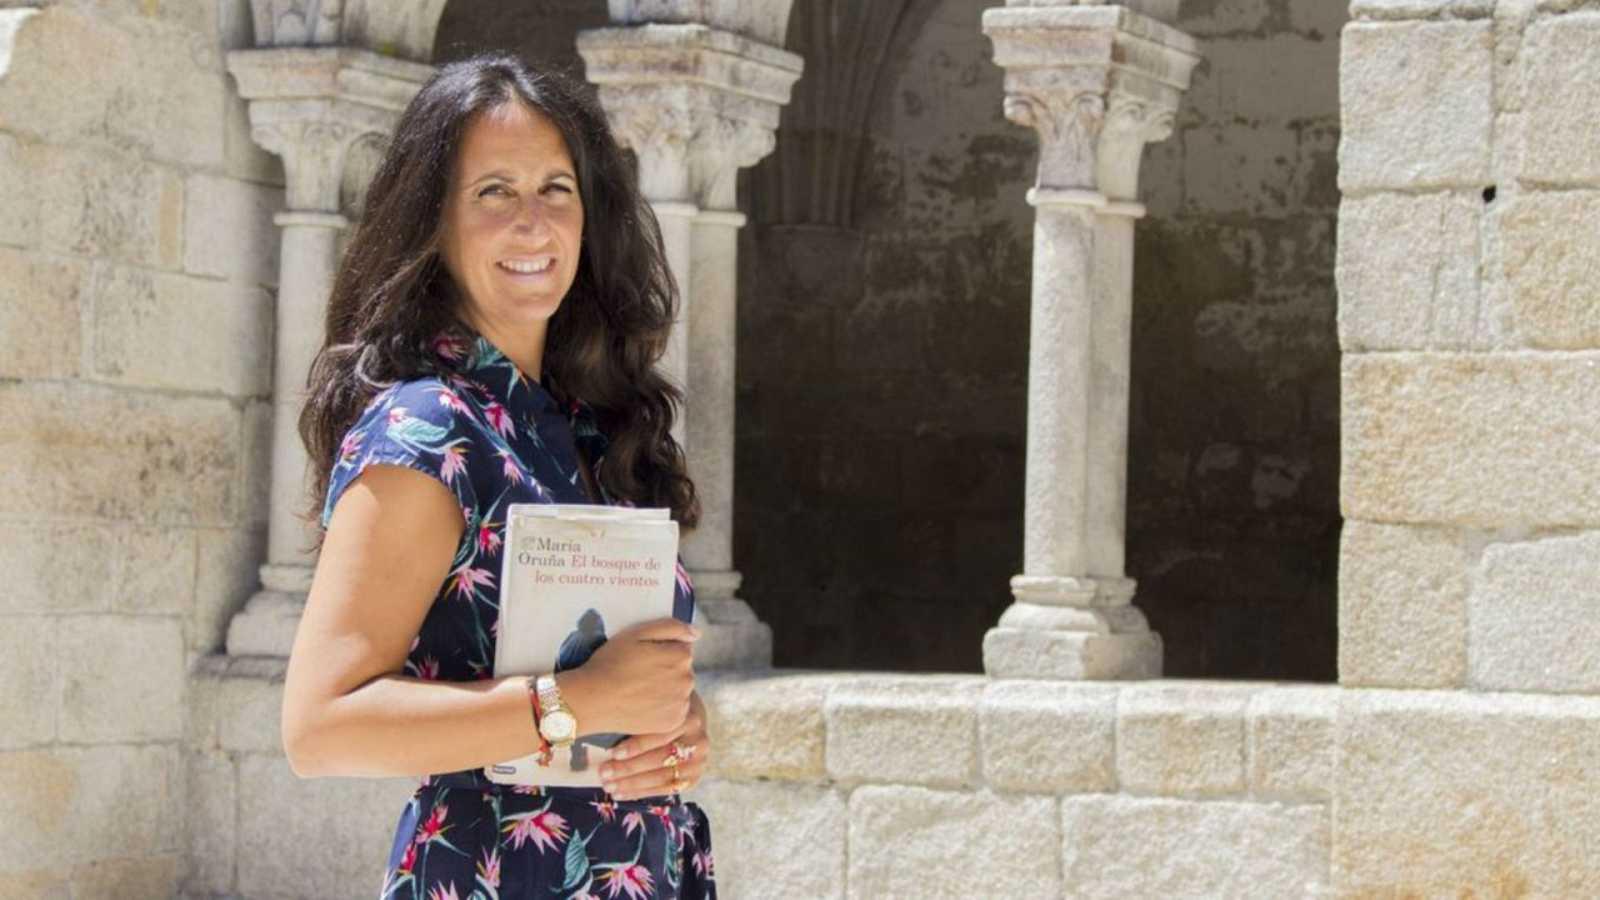 Libros de arena R-5 - María Oruña y 'El bosque de los cuatro vientos' - 16/09/20 - Escuchar ahora -